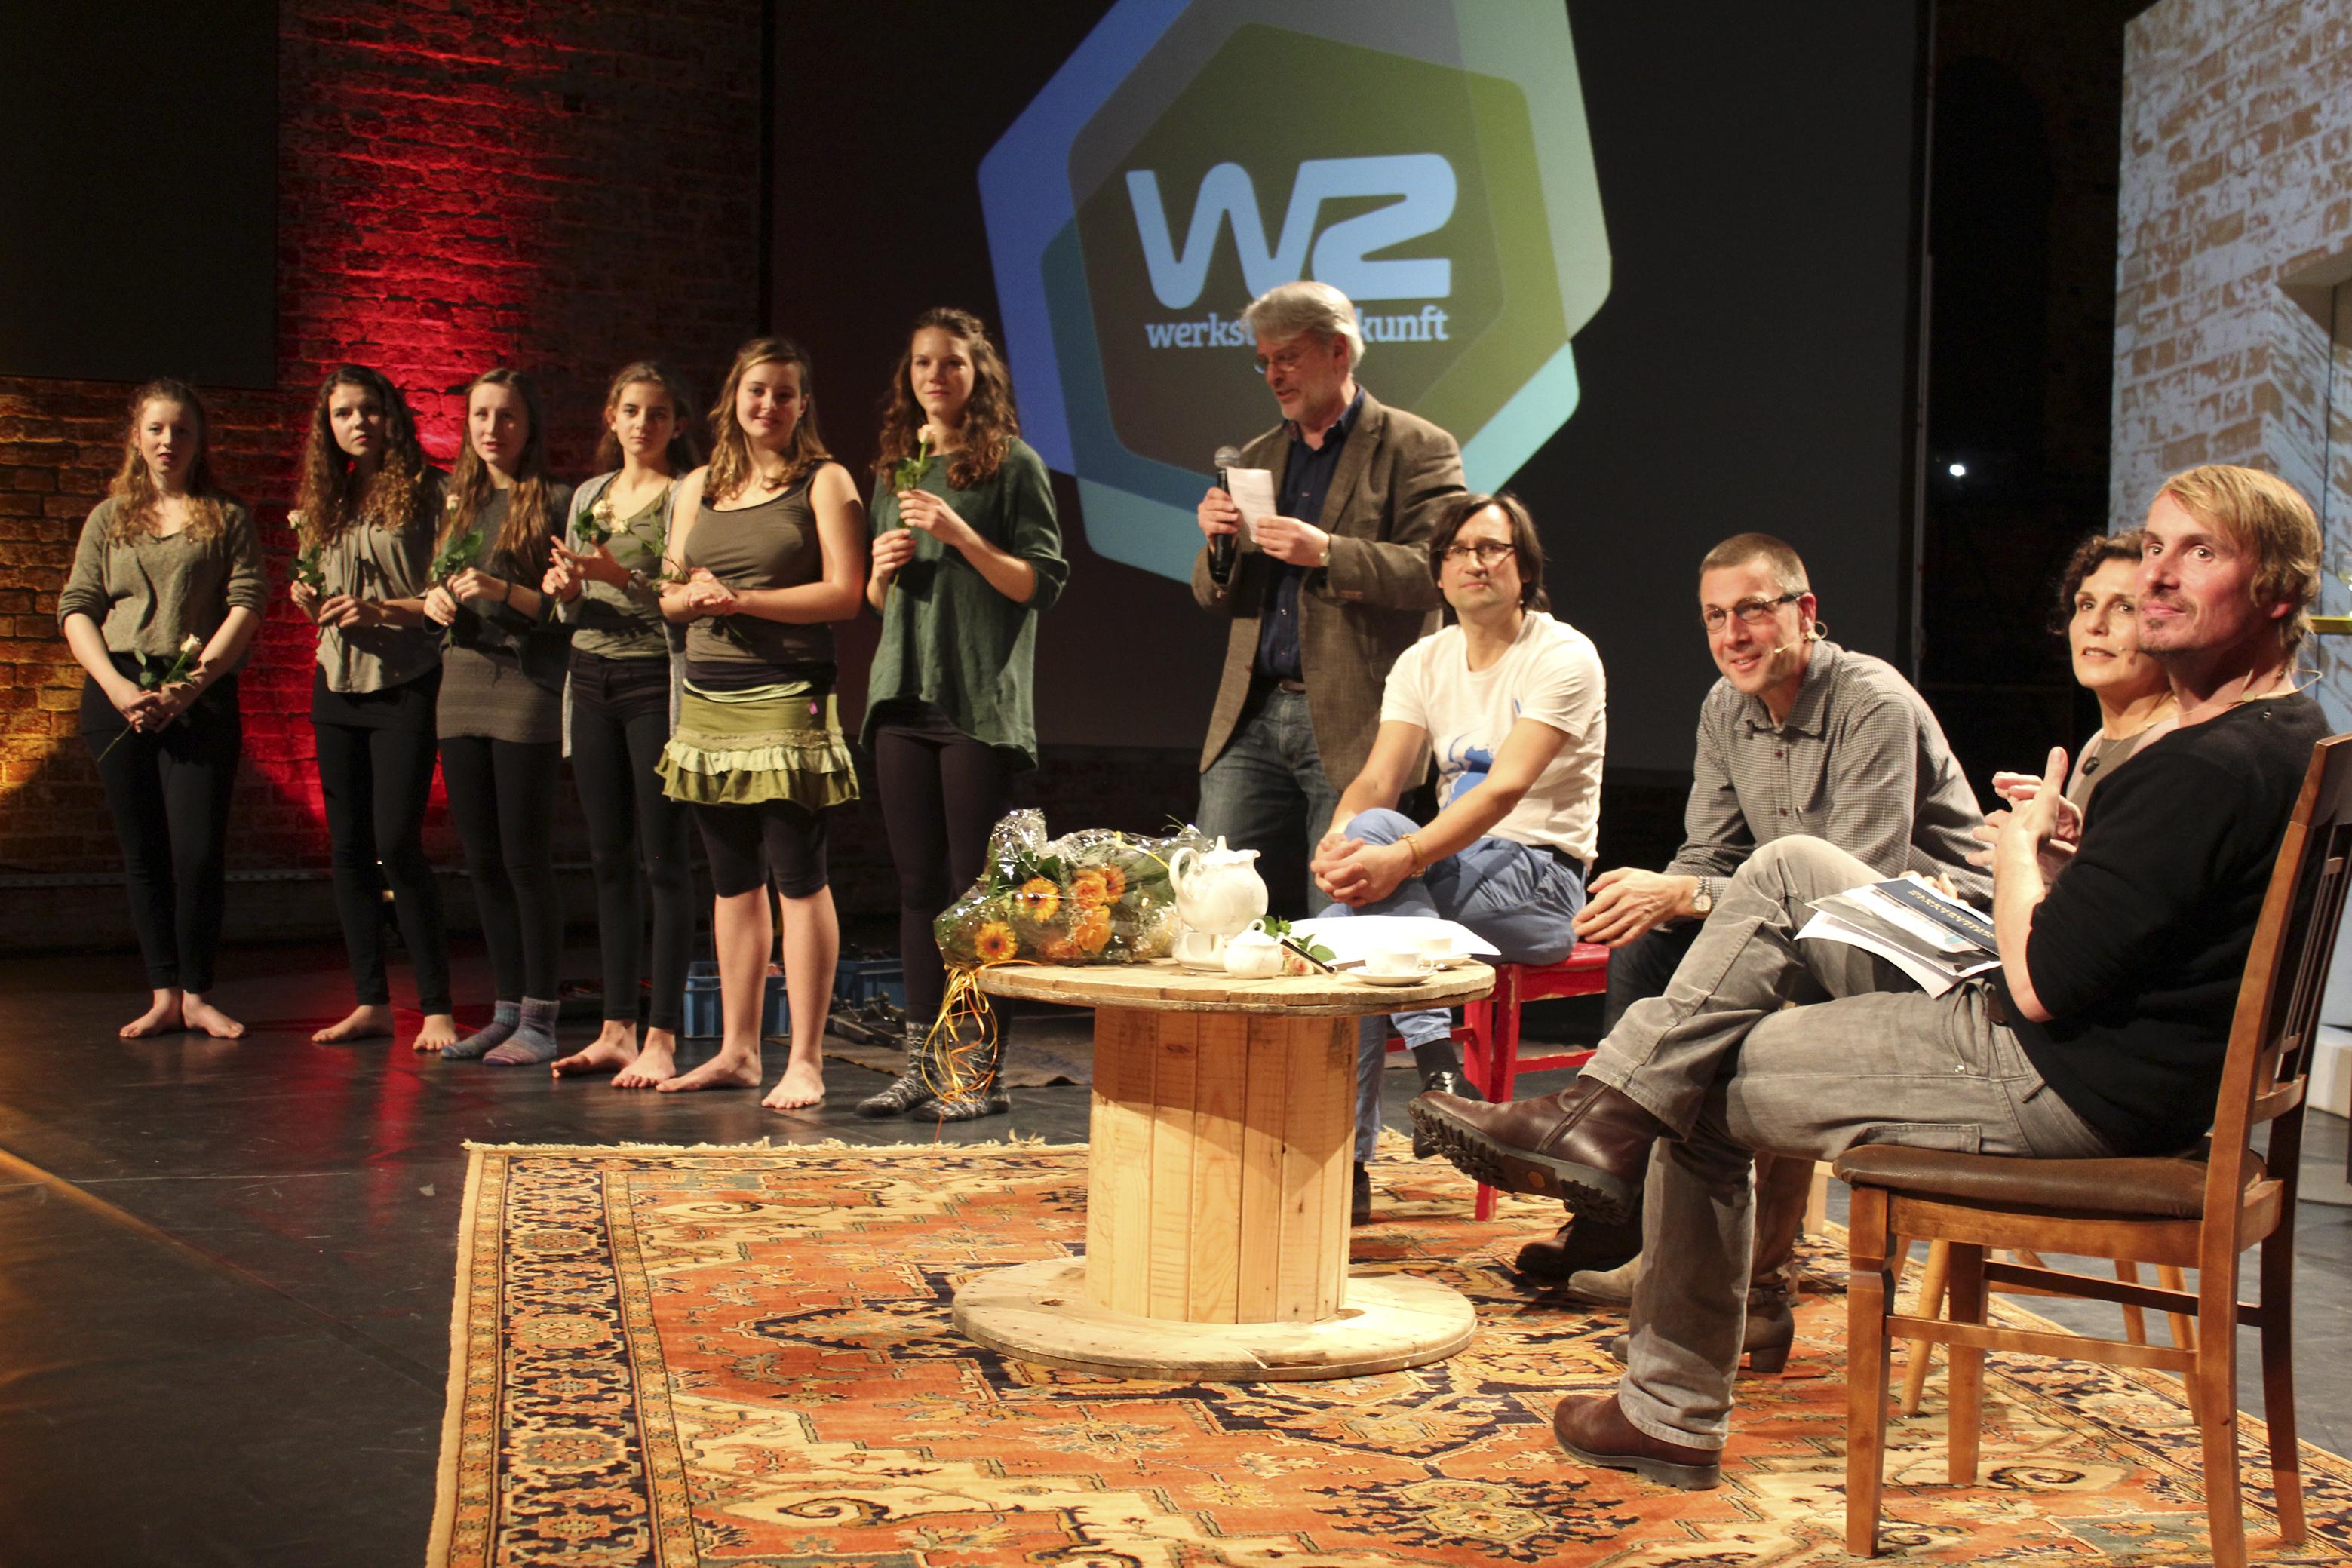 Der Auftakt zu einer erfolgreichen Veranstaltungsreihe unter anderem mit Niko Paech im Januar 2015 in der Exerzierhalle des Oldenburgischen Staatstheaters (Foto: Anneke Hoffmann).